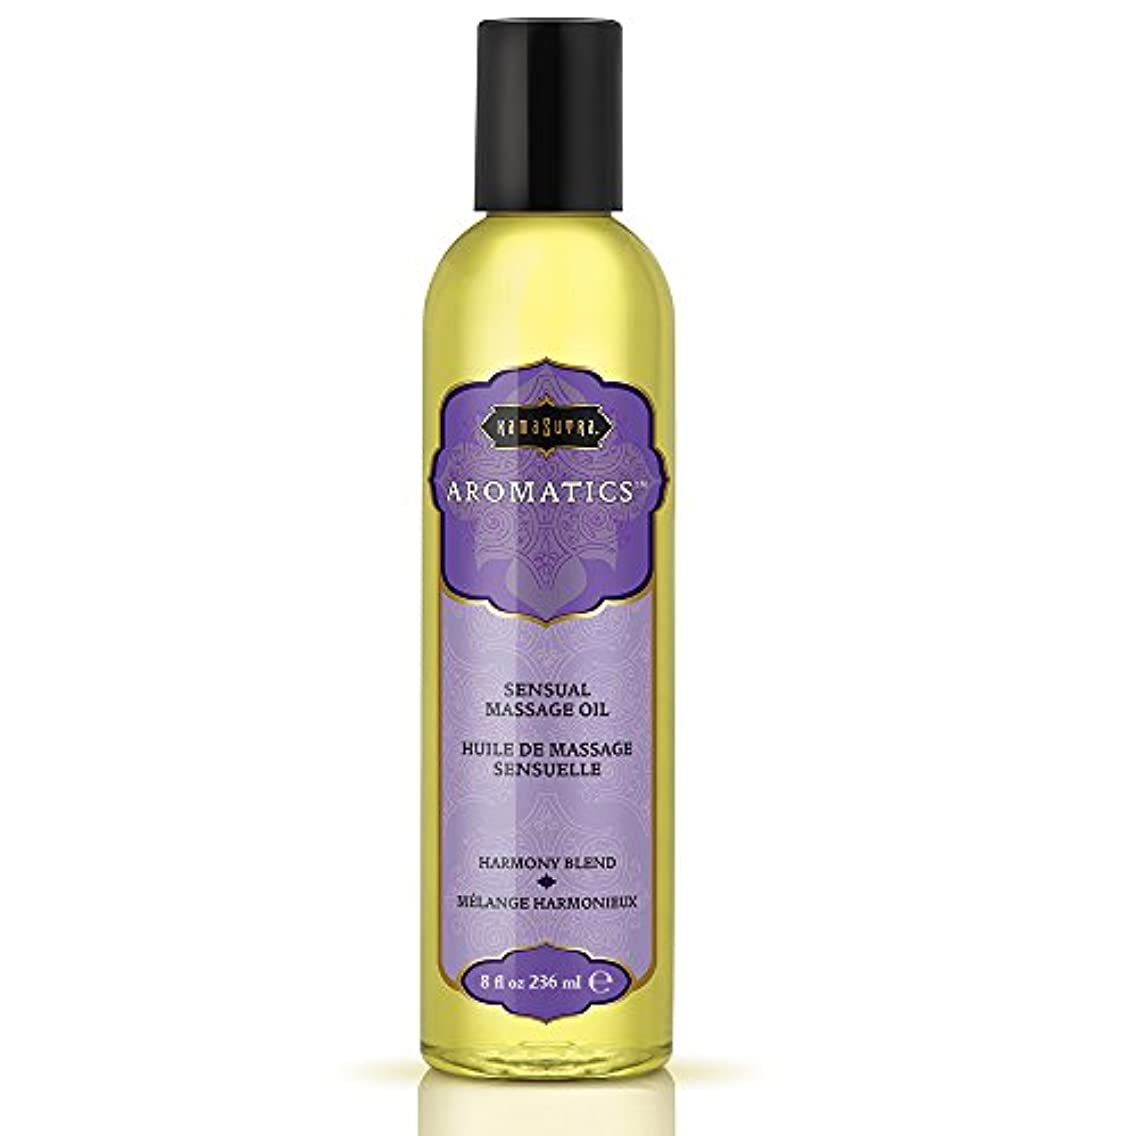 粘性のまあ協力Aromatic Massage Oil Harmony Blend 8oz by Kama Sutra